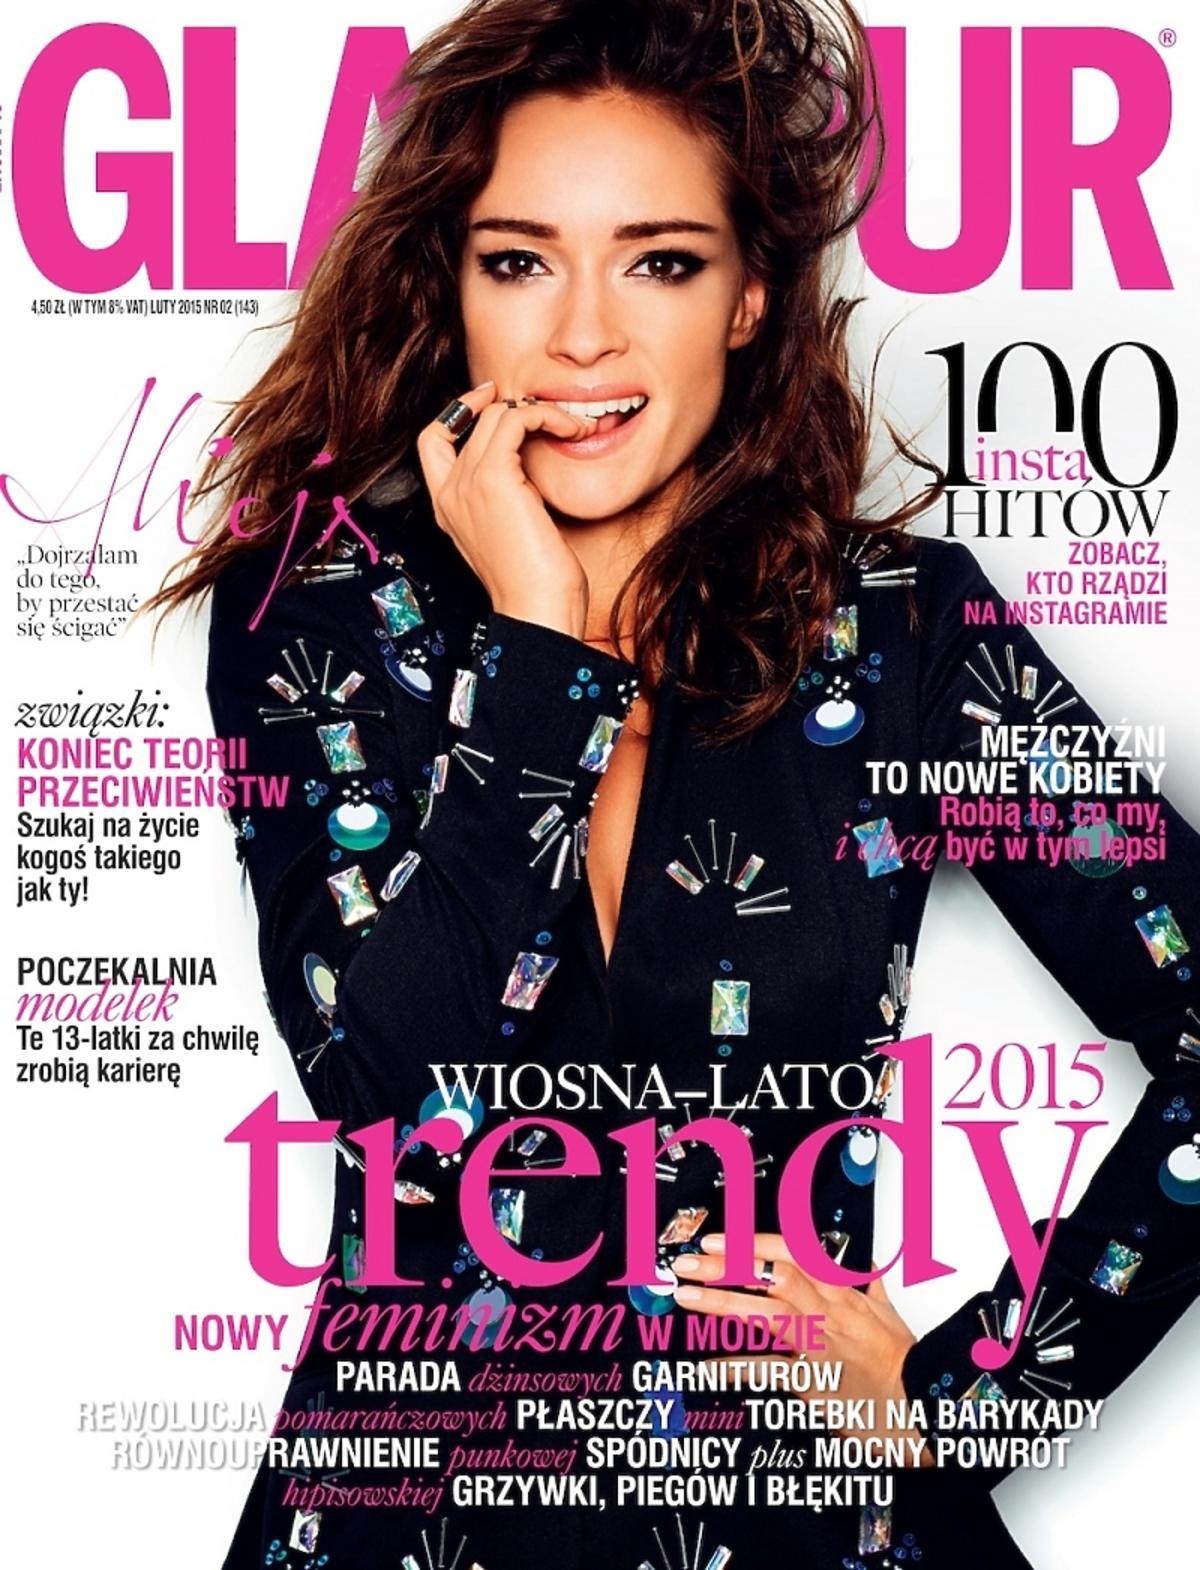 Alicja Bachleda Curuś na okładce Glamour luty 2015